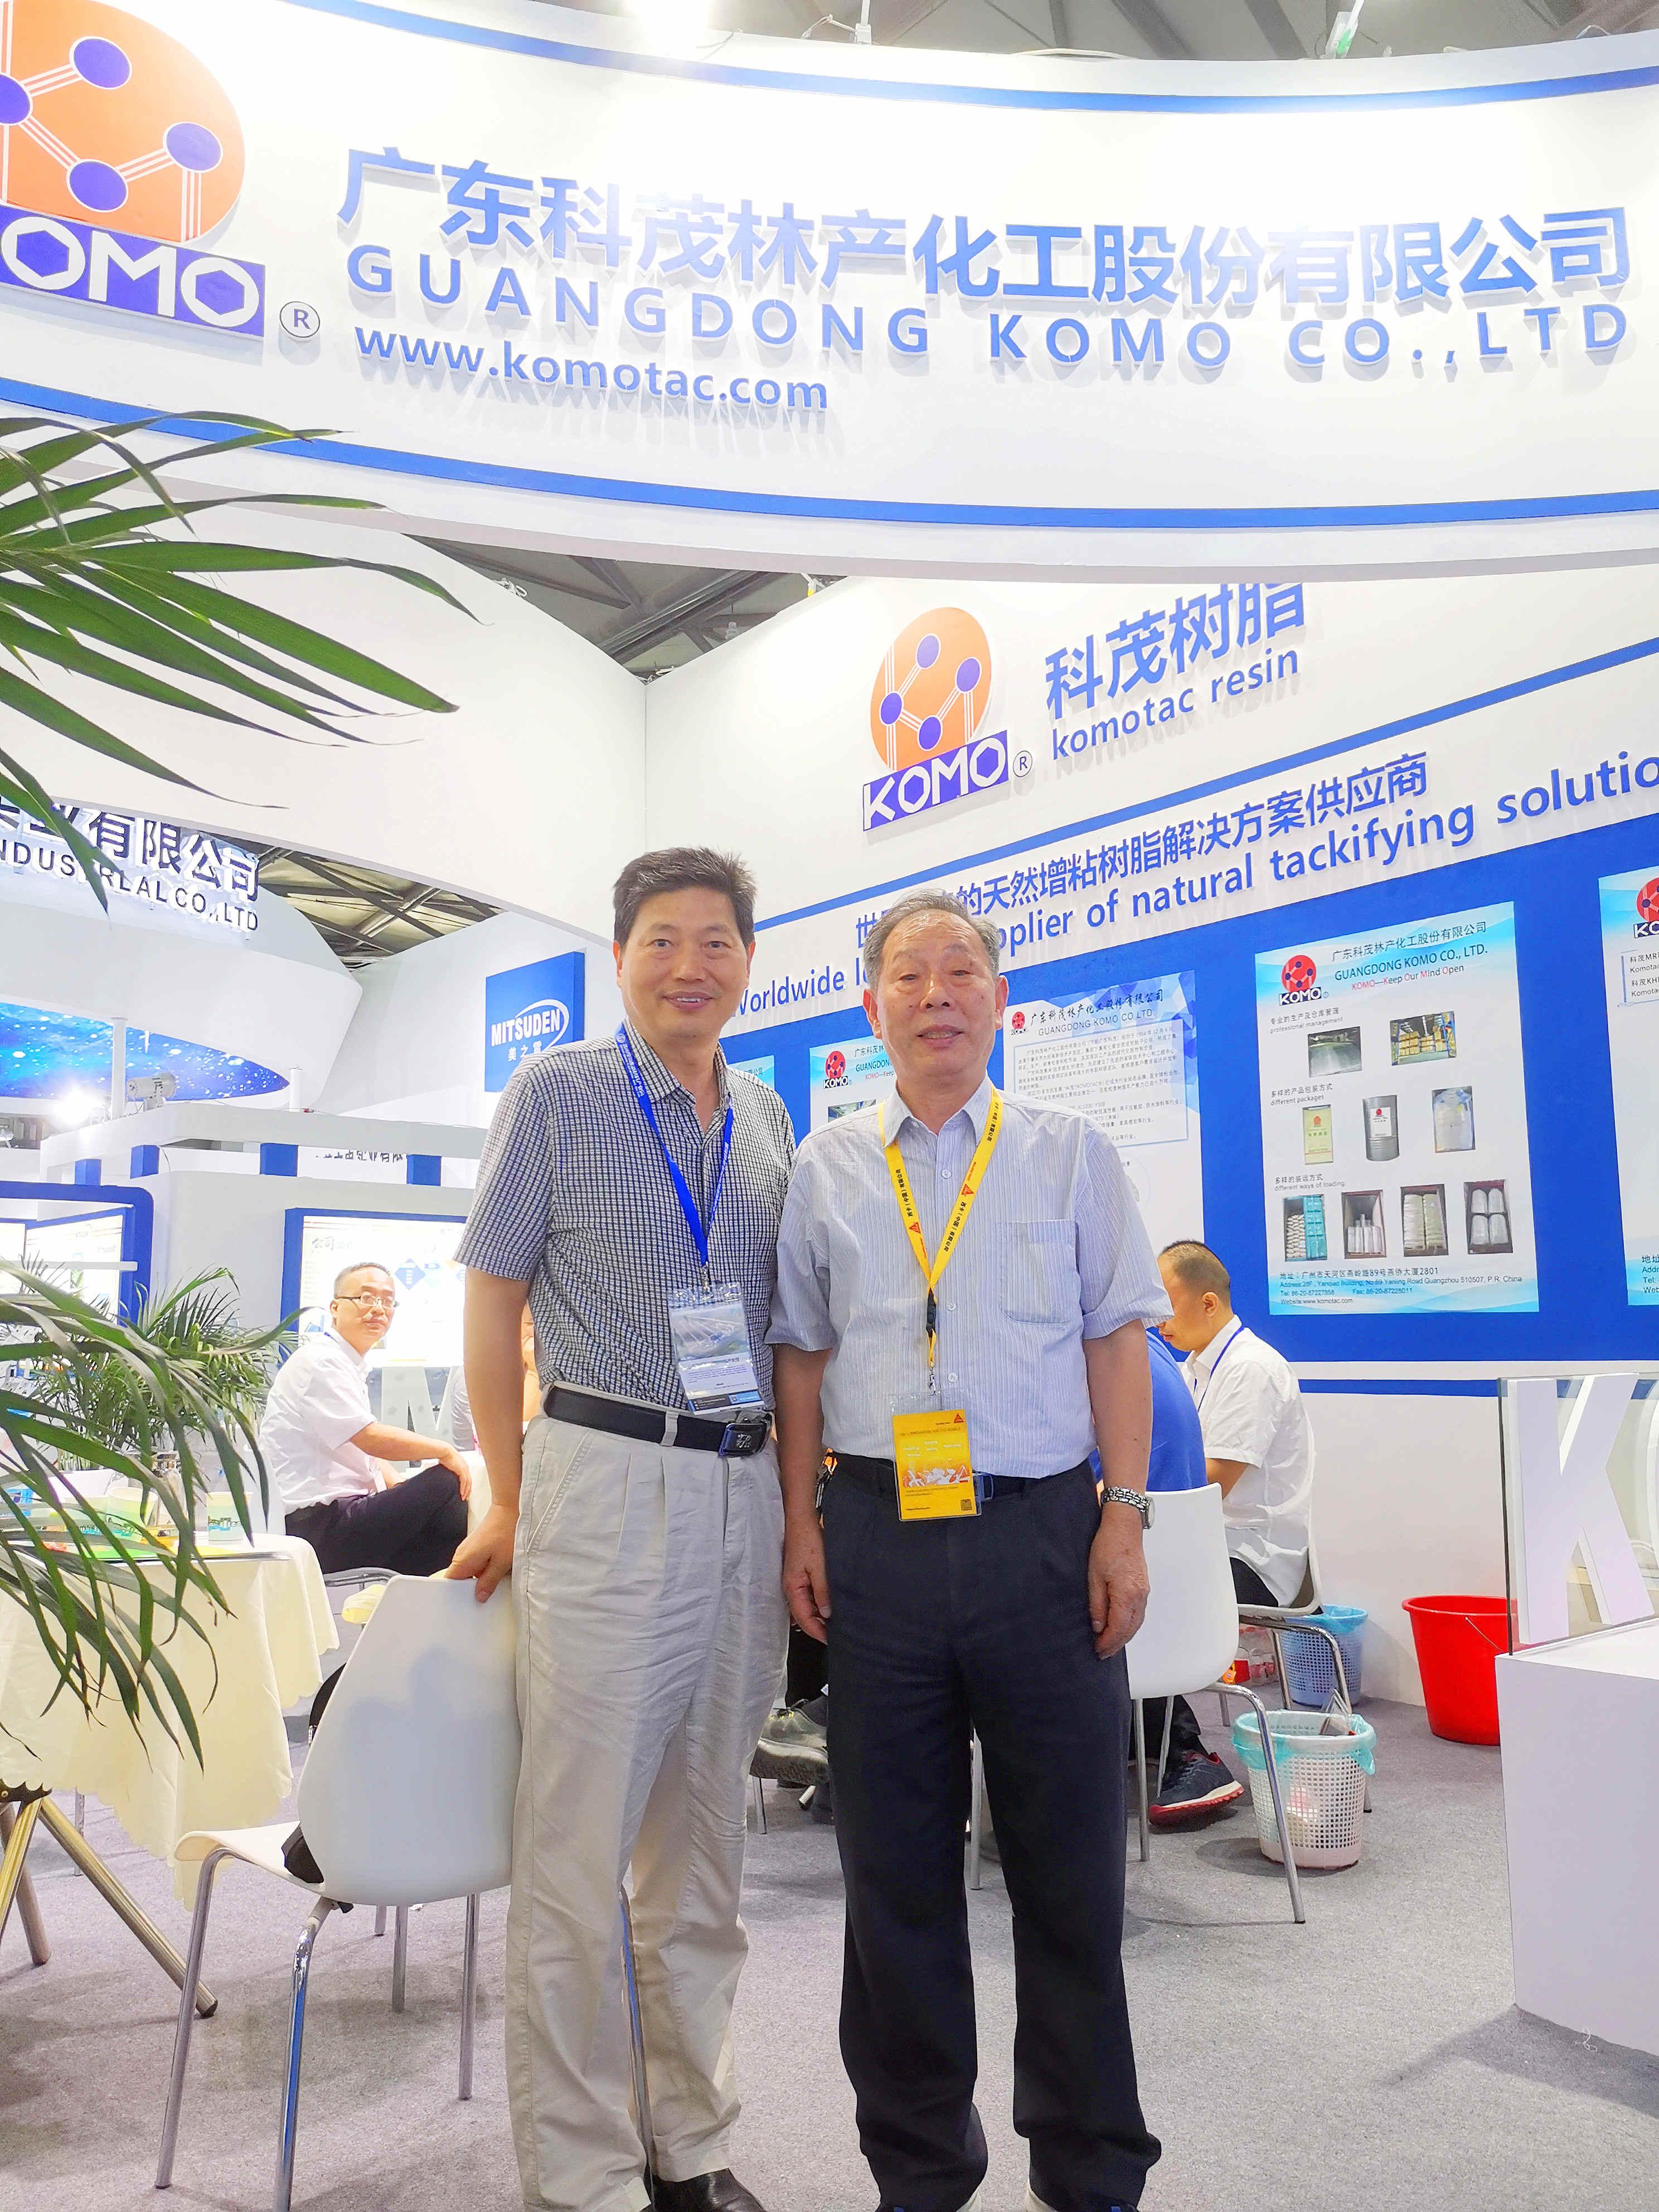 广东优德88casino参加第二十二届中国国际胶粘剂及密封胶展览会暨第十四届中国国际胶粘带与标签展览会